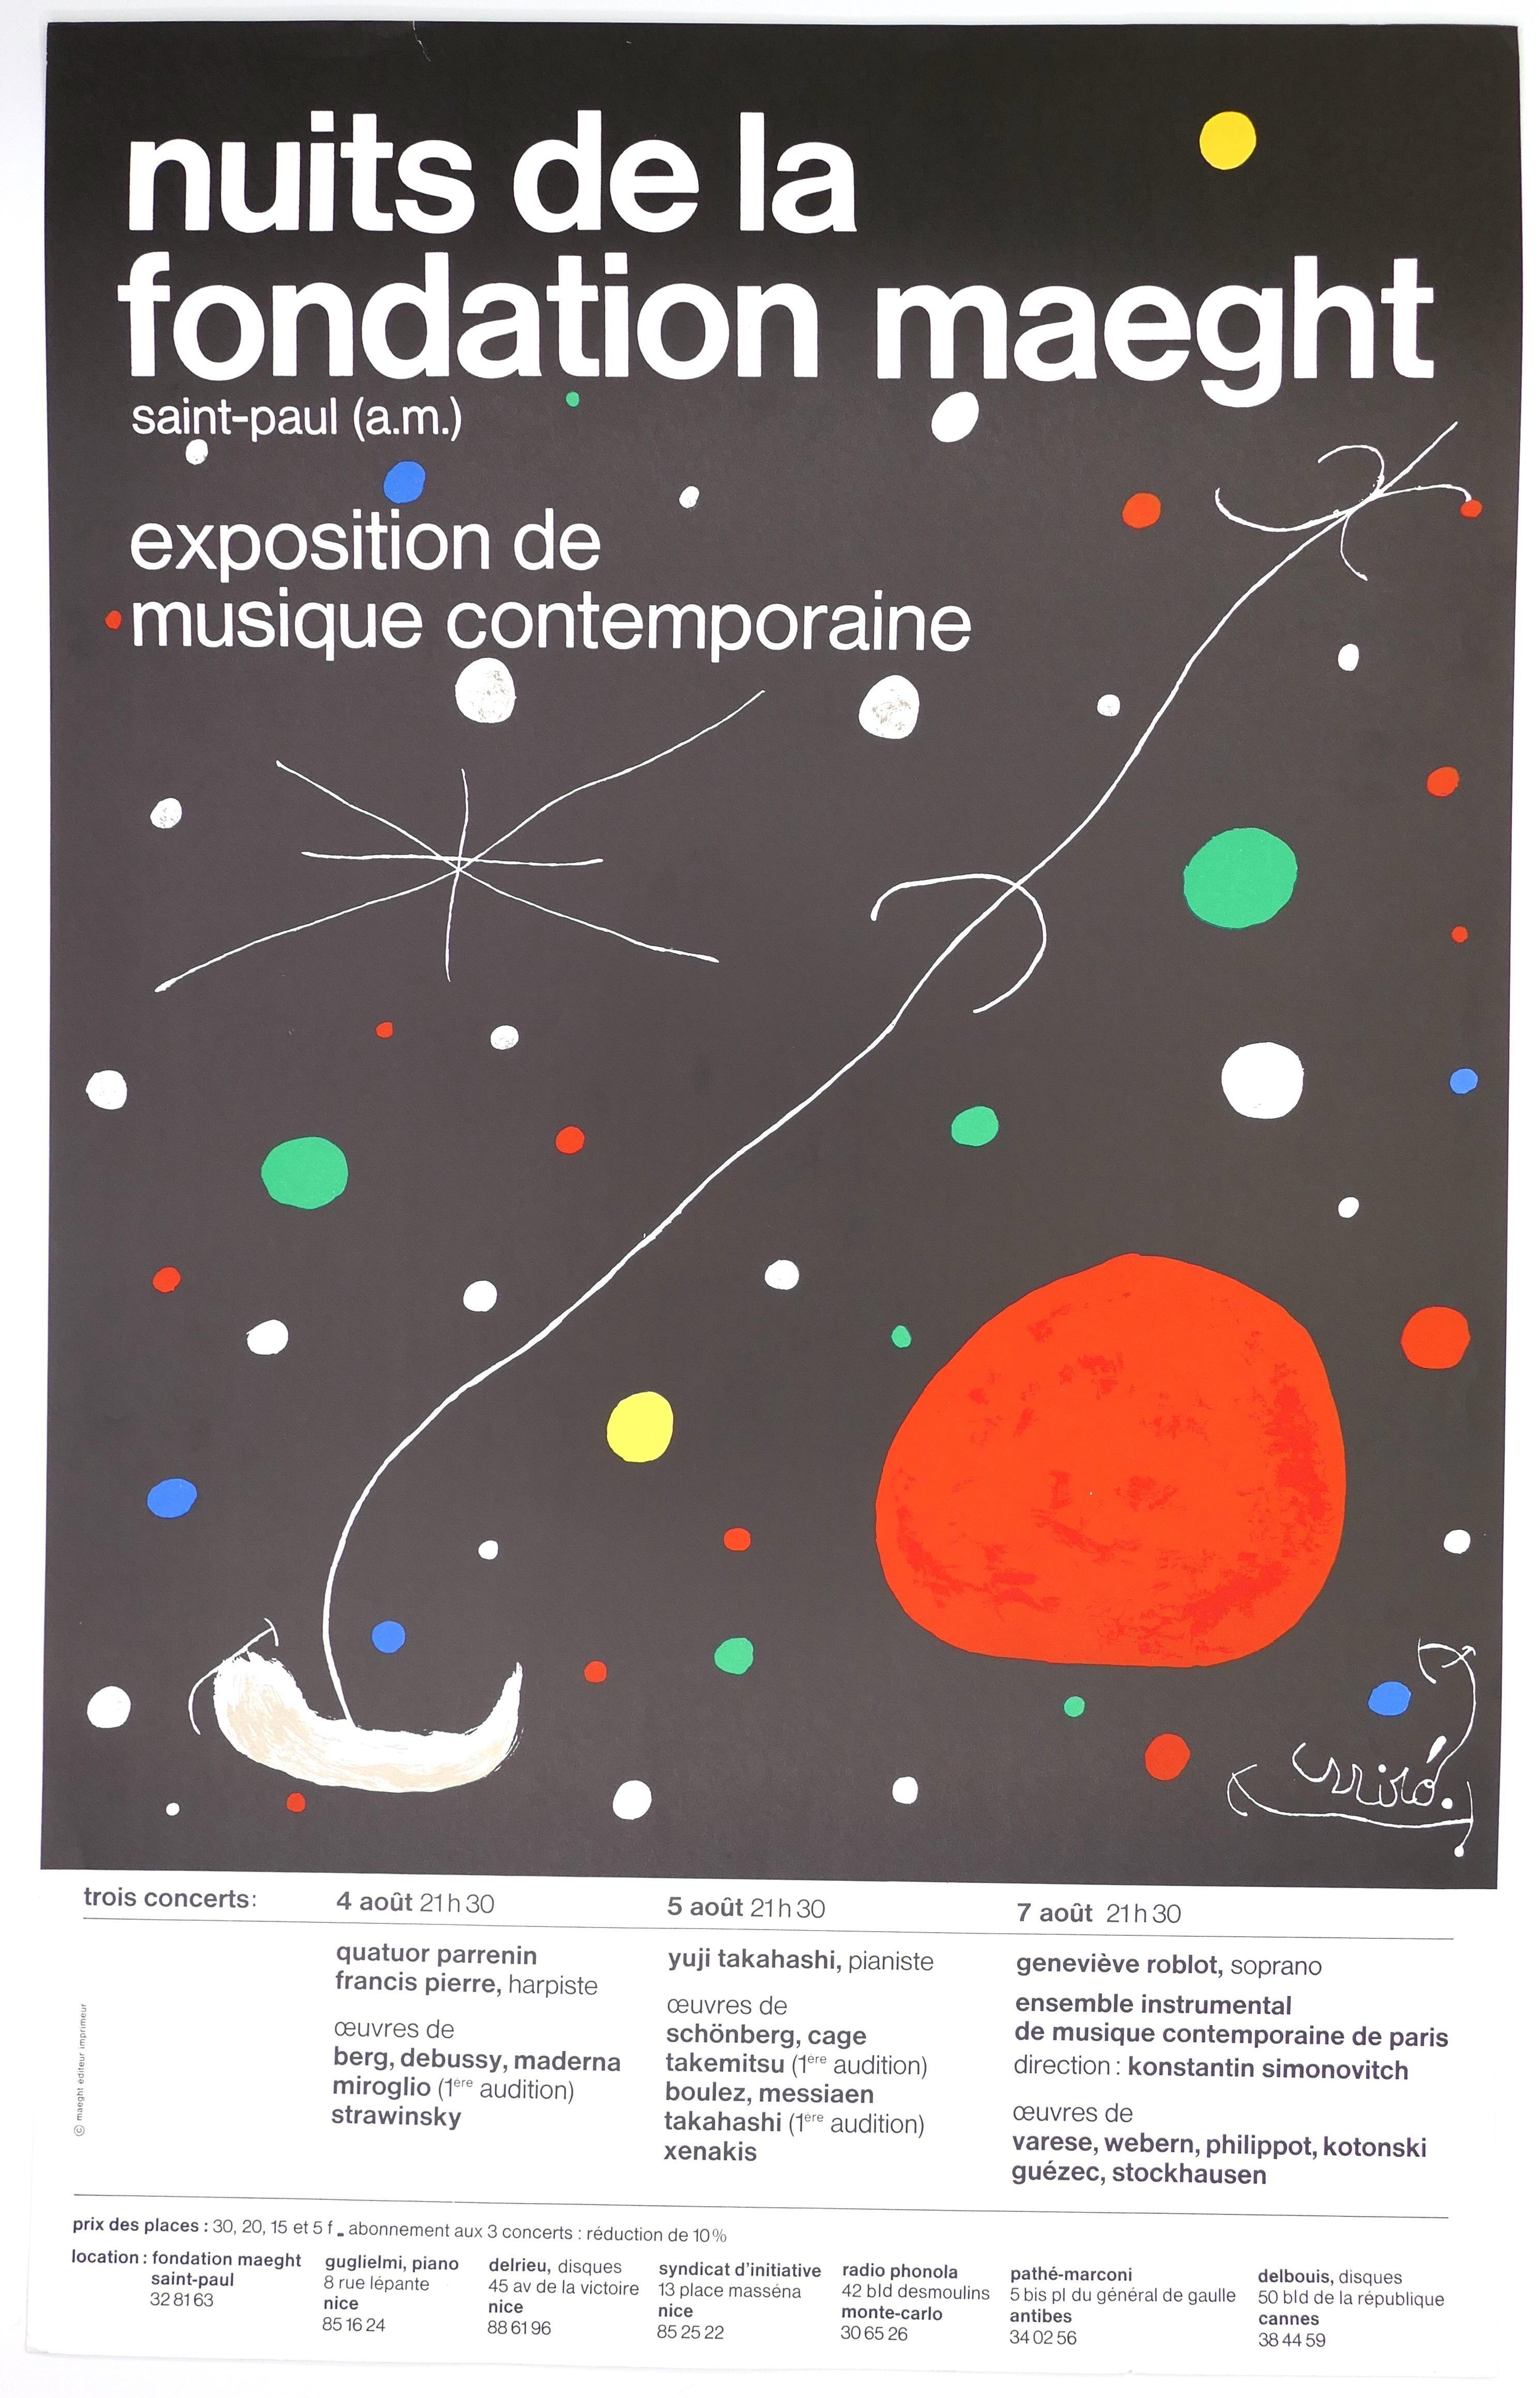 Nuits de la Fondation Maeght - Vintage Poster - 1965